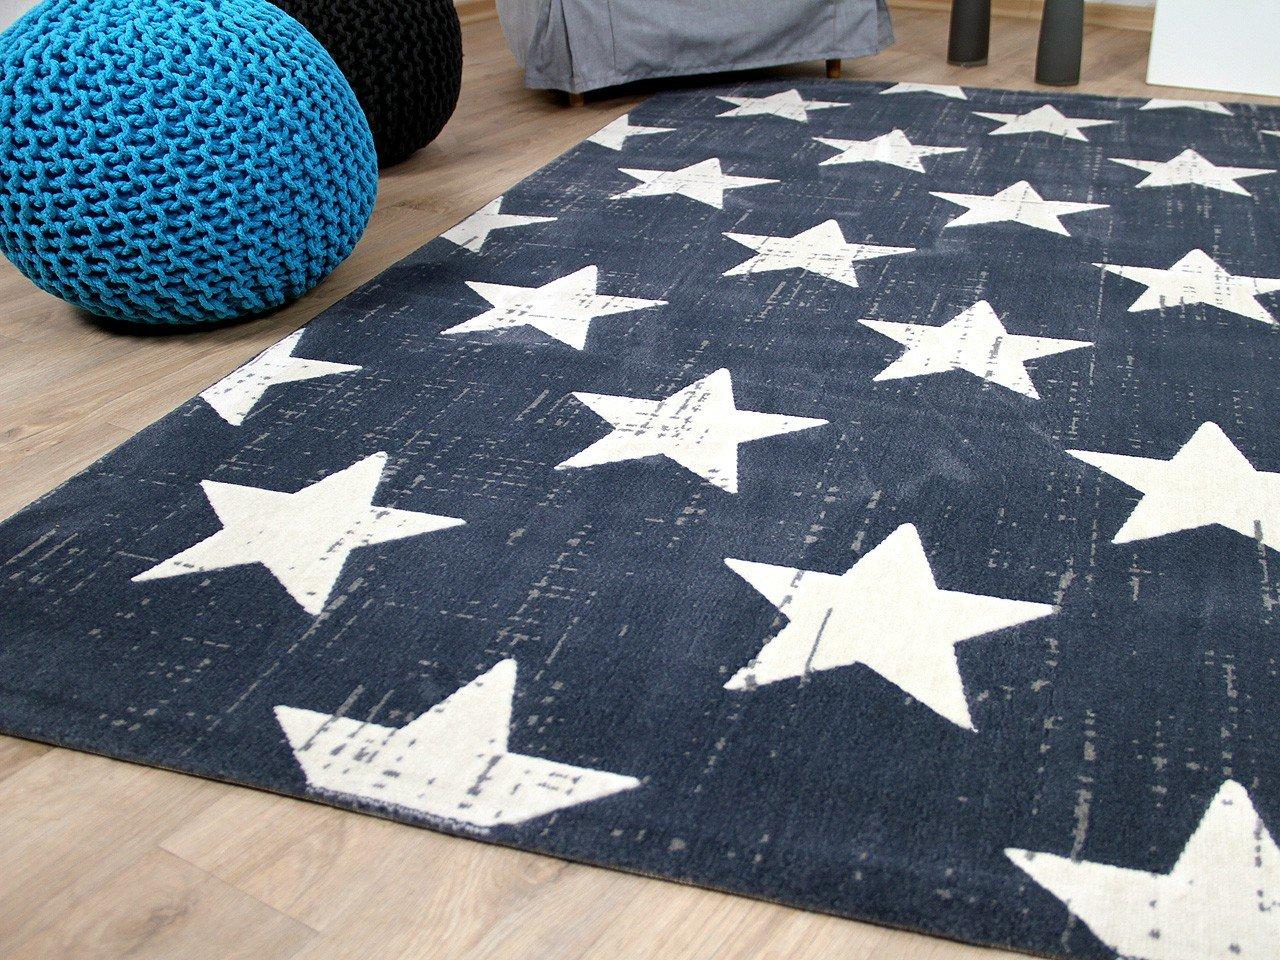 Soft Touch in Velour Designer Teppich Canvas Sterne Blau in Touch 4 Größen 977c6d